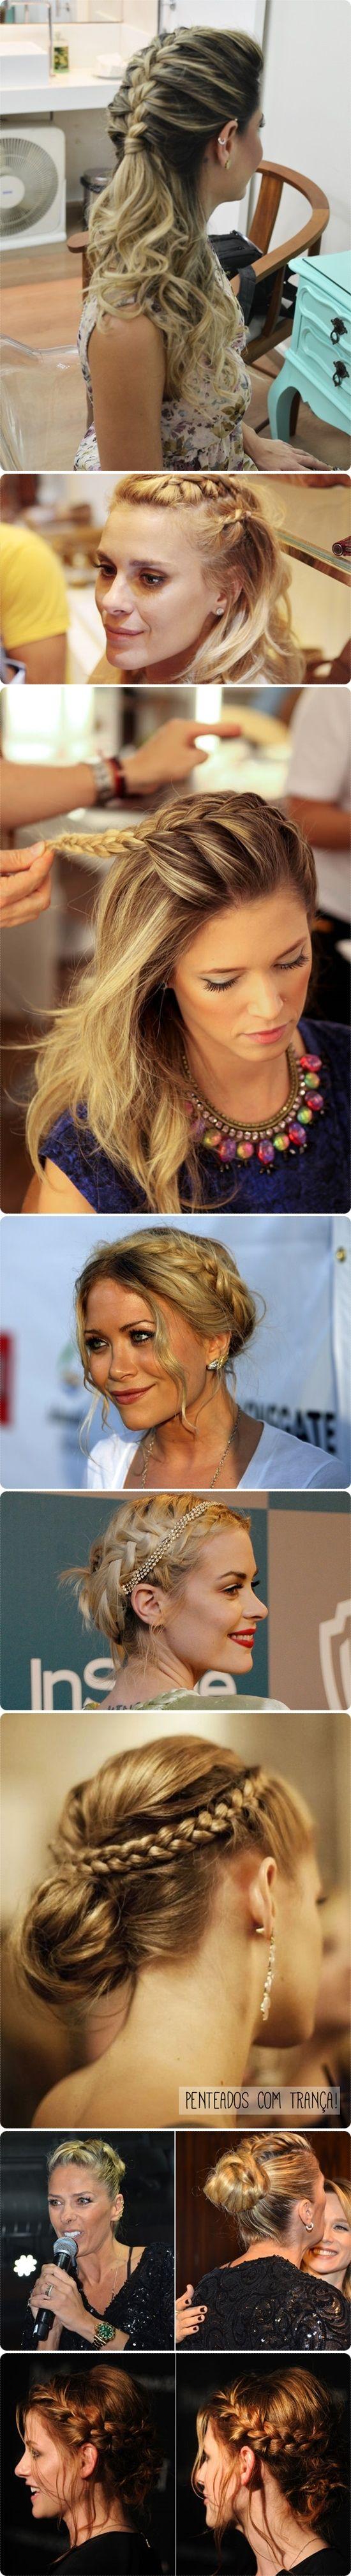 Bisbilhoteiras   Blog   Para inspirar: penteados com tranças